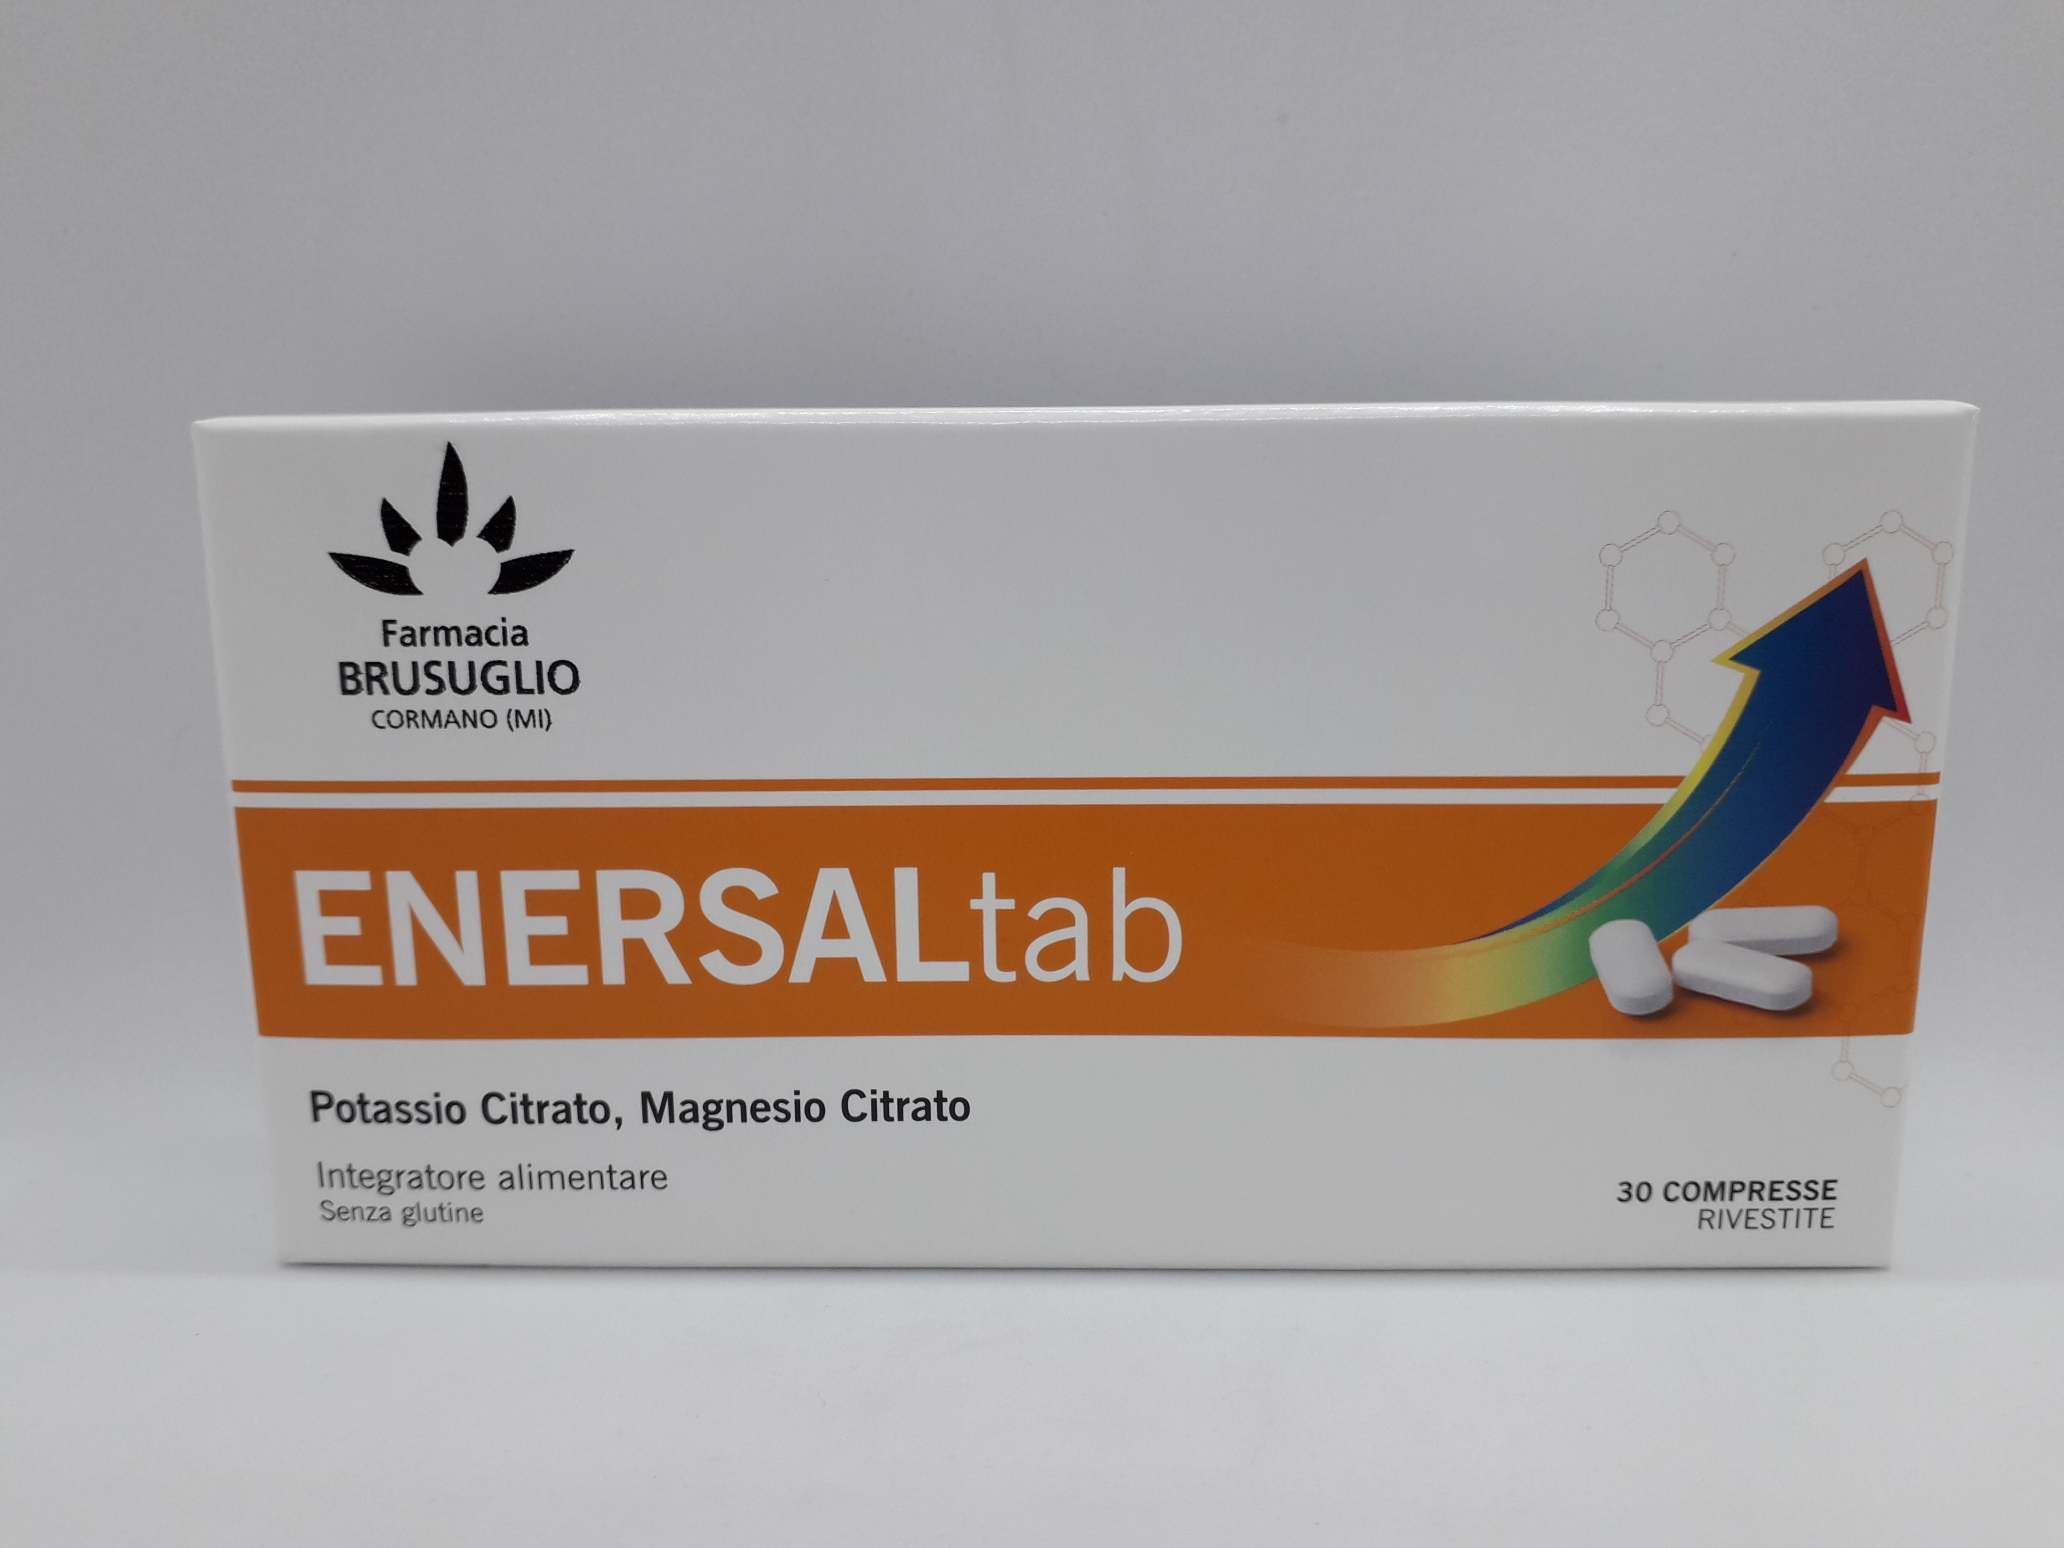 LFP ENERSALTAB 30 COMPRESSE 33 G - Farmaciaempatica.it